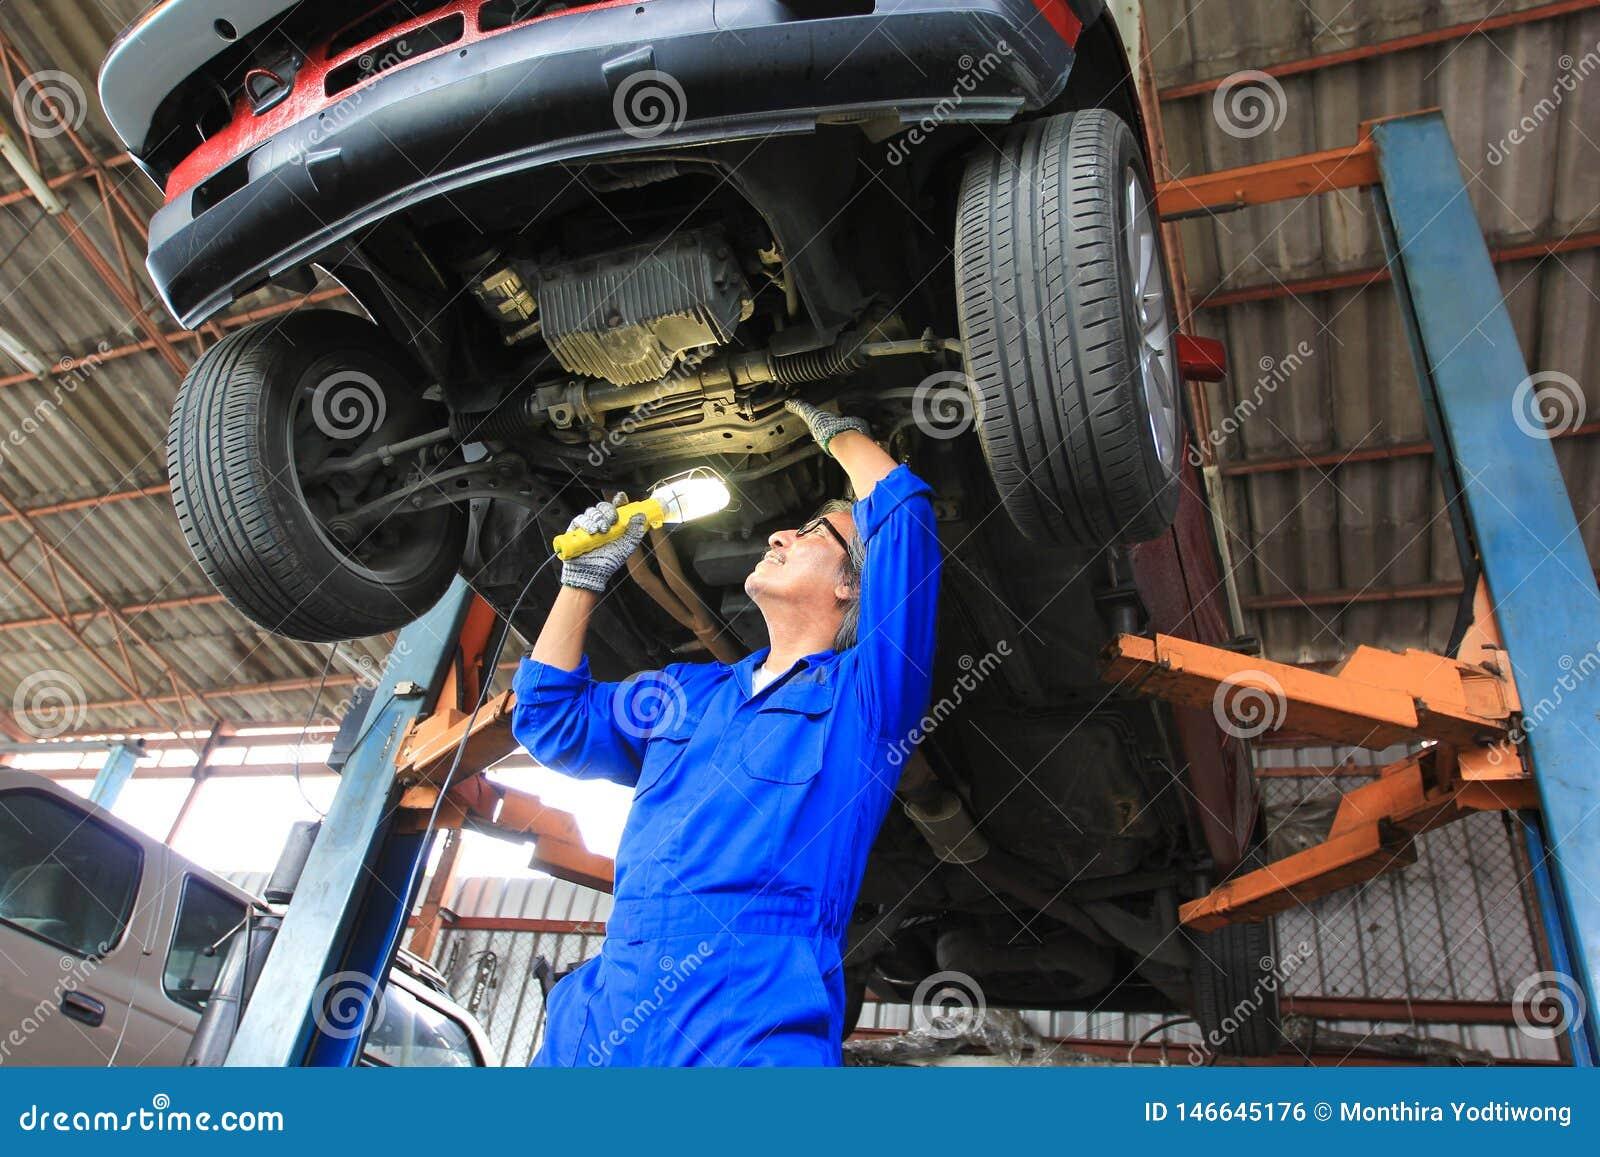 Carro de exame do mec?nico de carro usando a lanterna el?trica no servi?o de repara??o de autom?veis